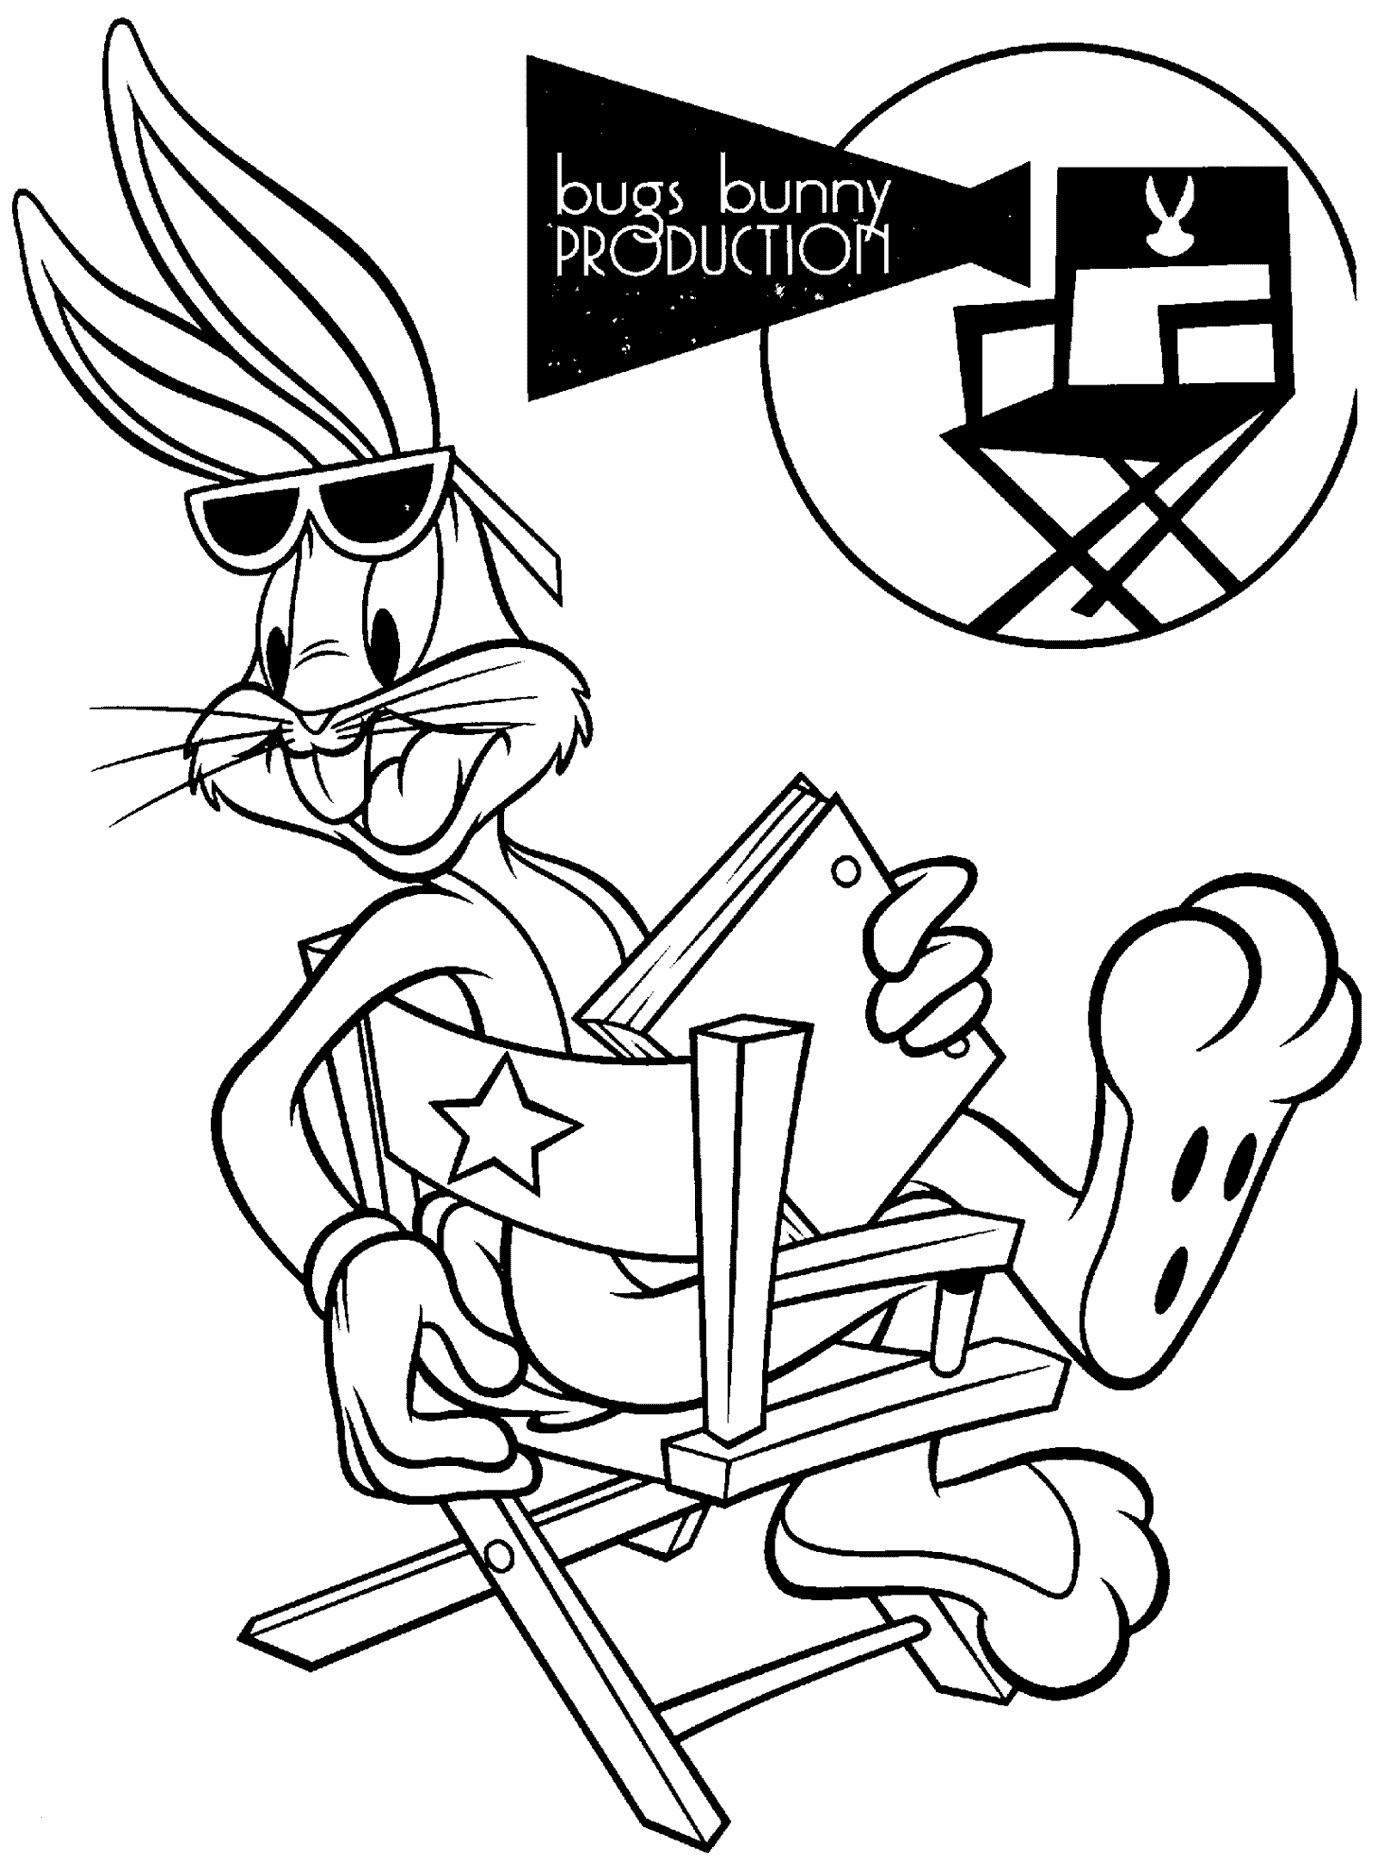 Ausmalbilder Bugs Bunny Inspirierend 48 Schön Malvorlagen Bugs Bunny Malvorlagen Sammlungen Bild